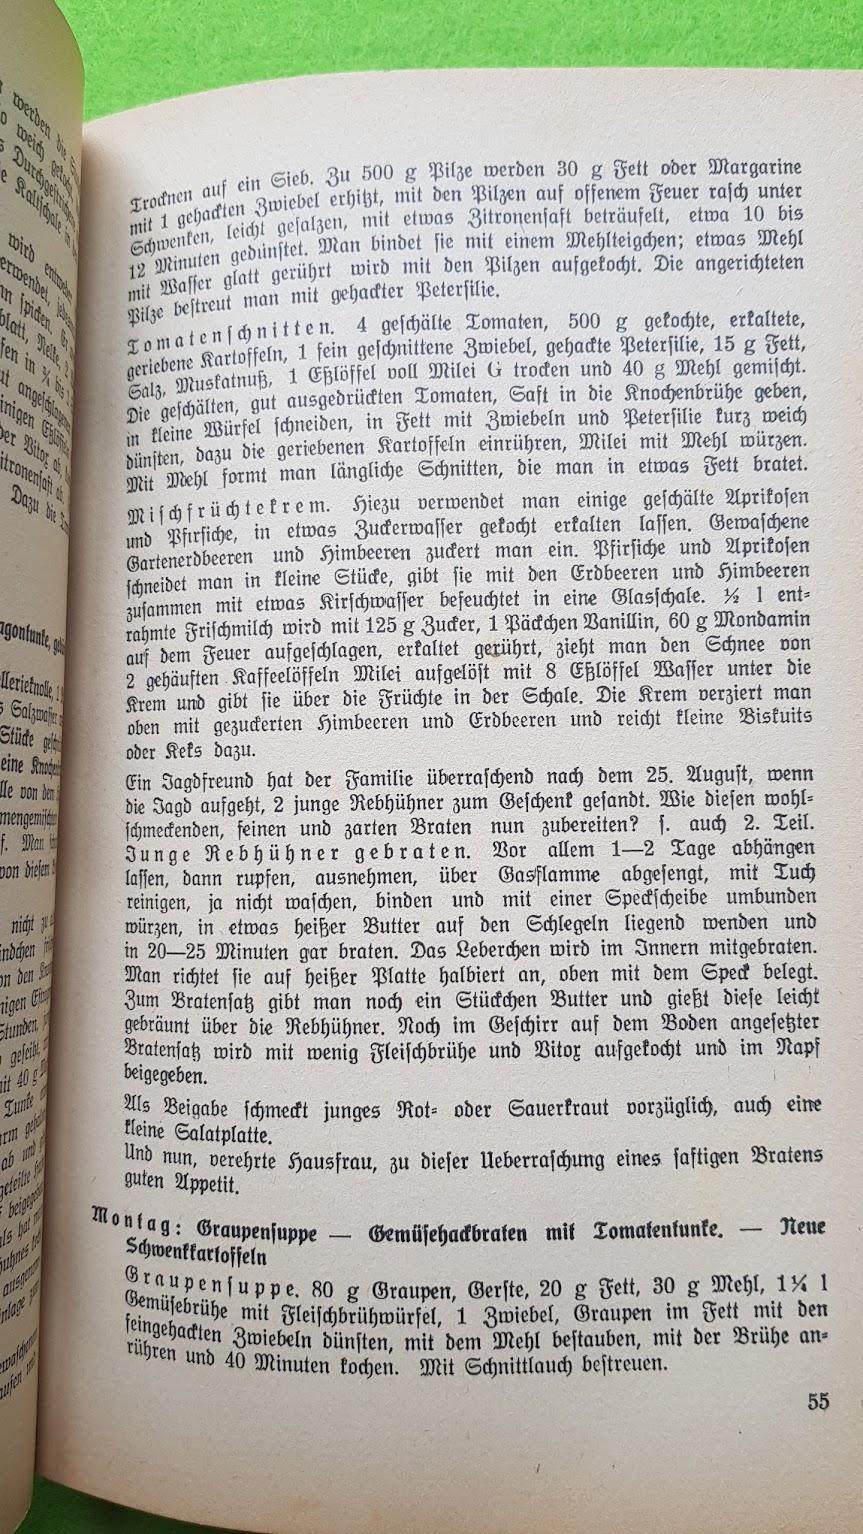 Eugen Bechtel, Nahrhaft, schmackhaft kochen - auch im Krieg!, 1940- Sommer-Speiseplan